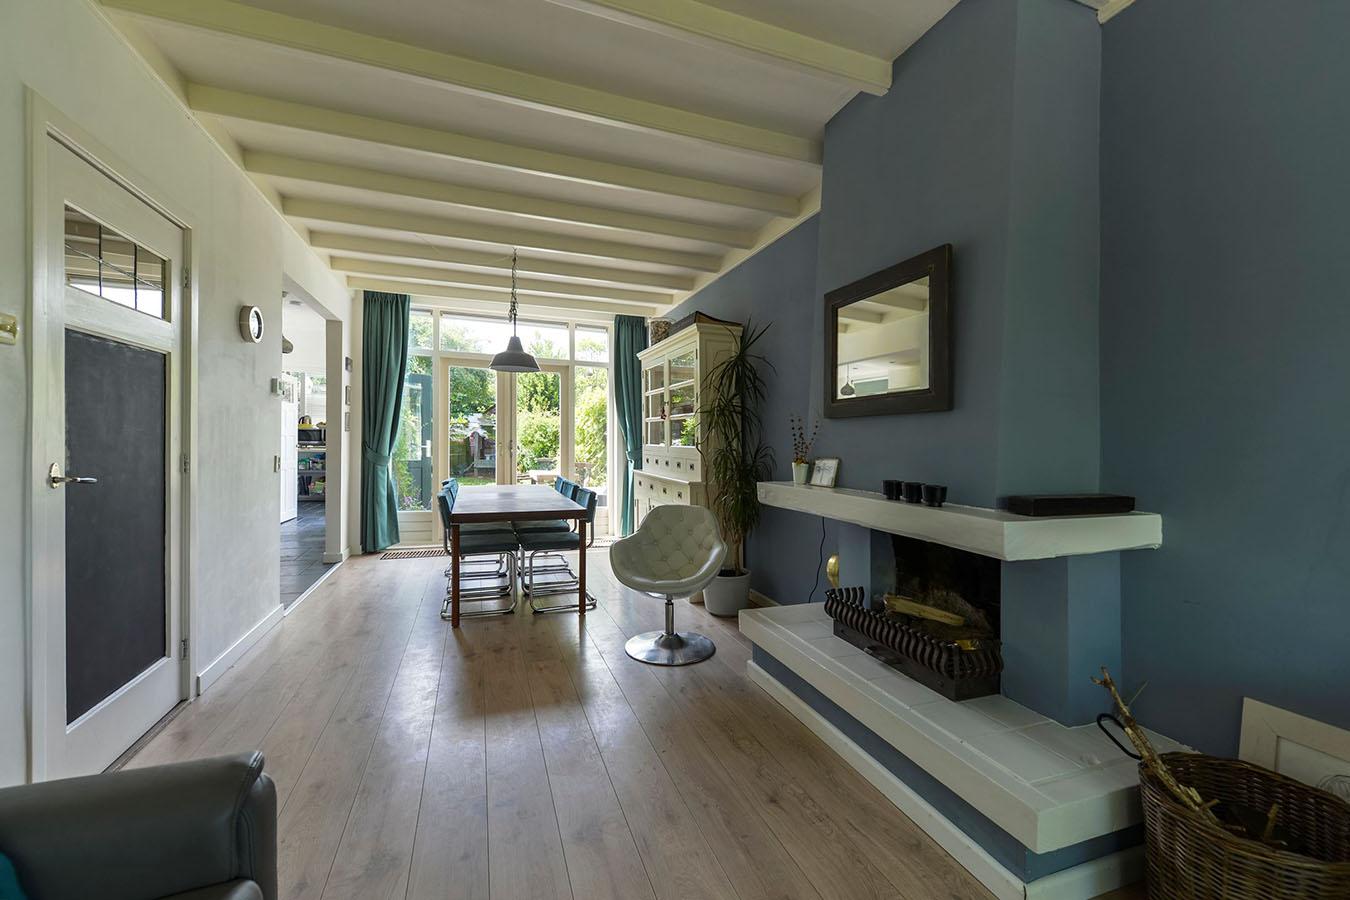 stijlvolle historische woonkamer met plafondbalken